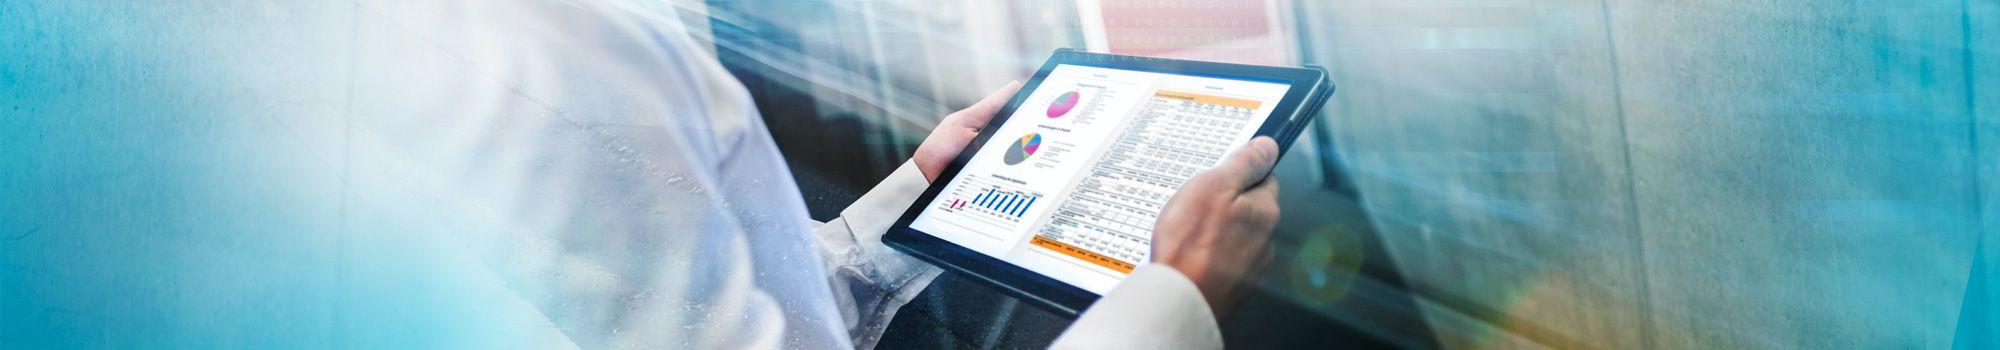 Flexible Module für effiziente Abläufe im Fachbereich Kassa